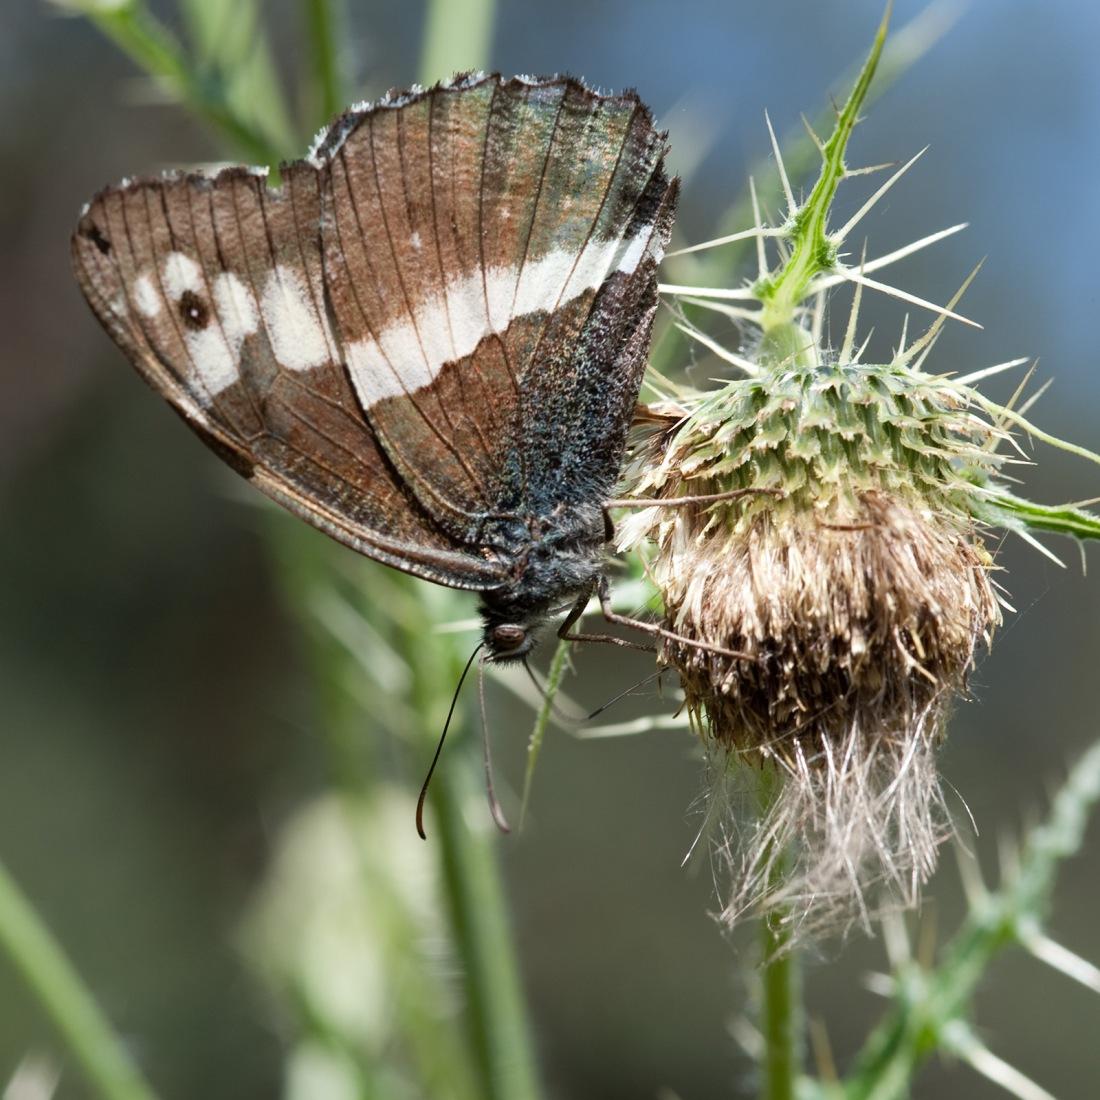 Butterfly on the trail to Bhudar Kedar, Uttarakhand, India. Trek Day 7.